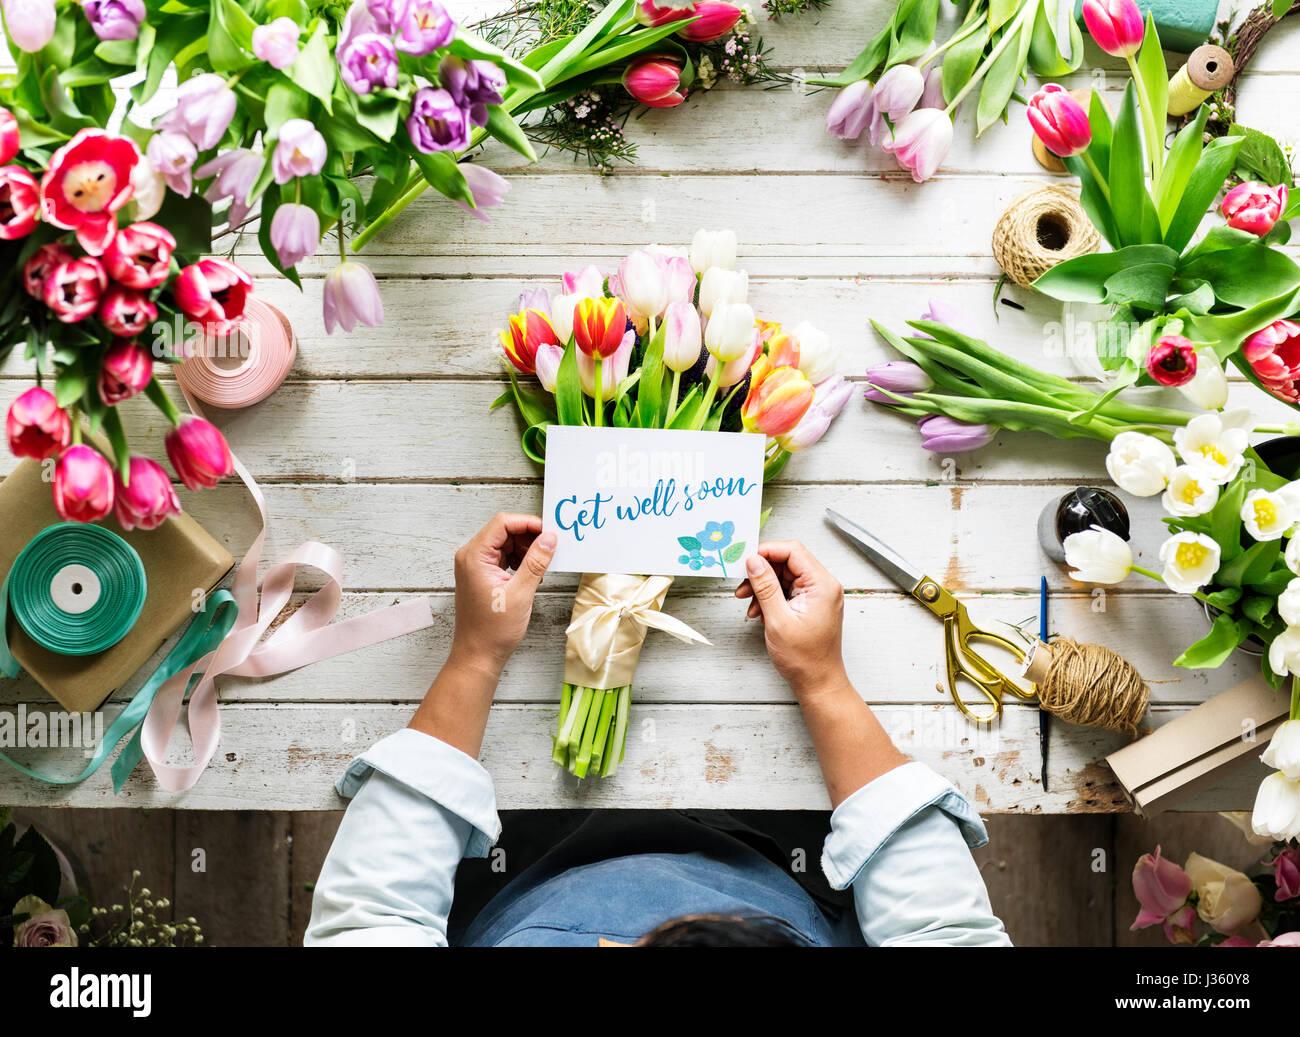 Florist making fresh flowers bouquet arrangement with get well florist making fresh flowers bouquet arrangement with get well soon wishing card dhlflorist Images